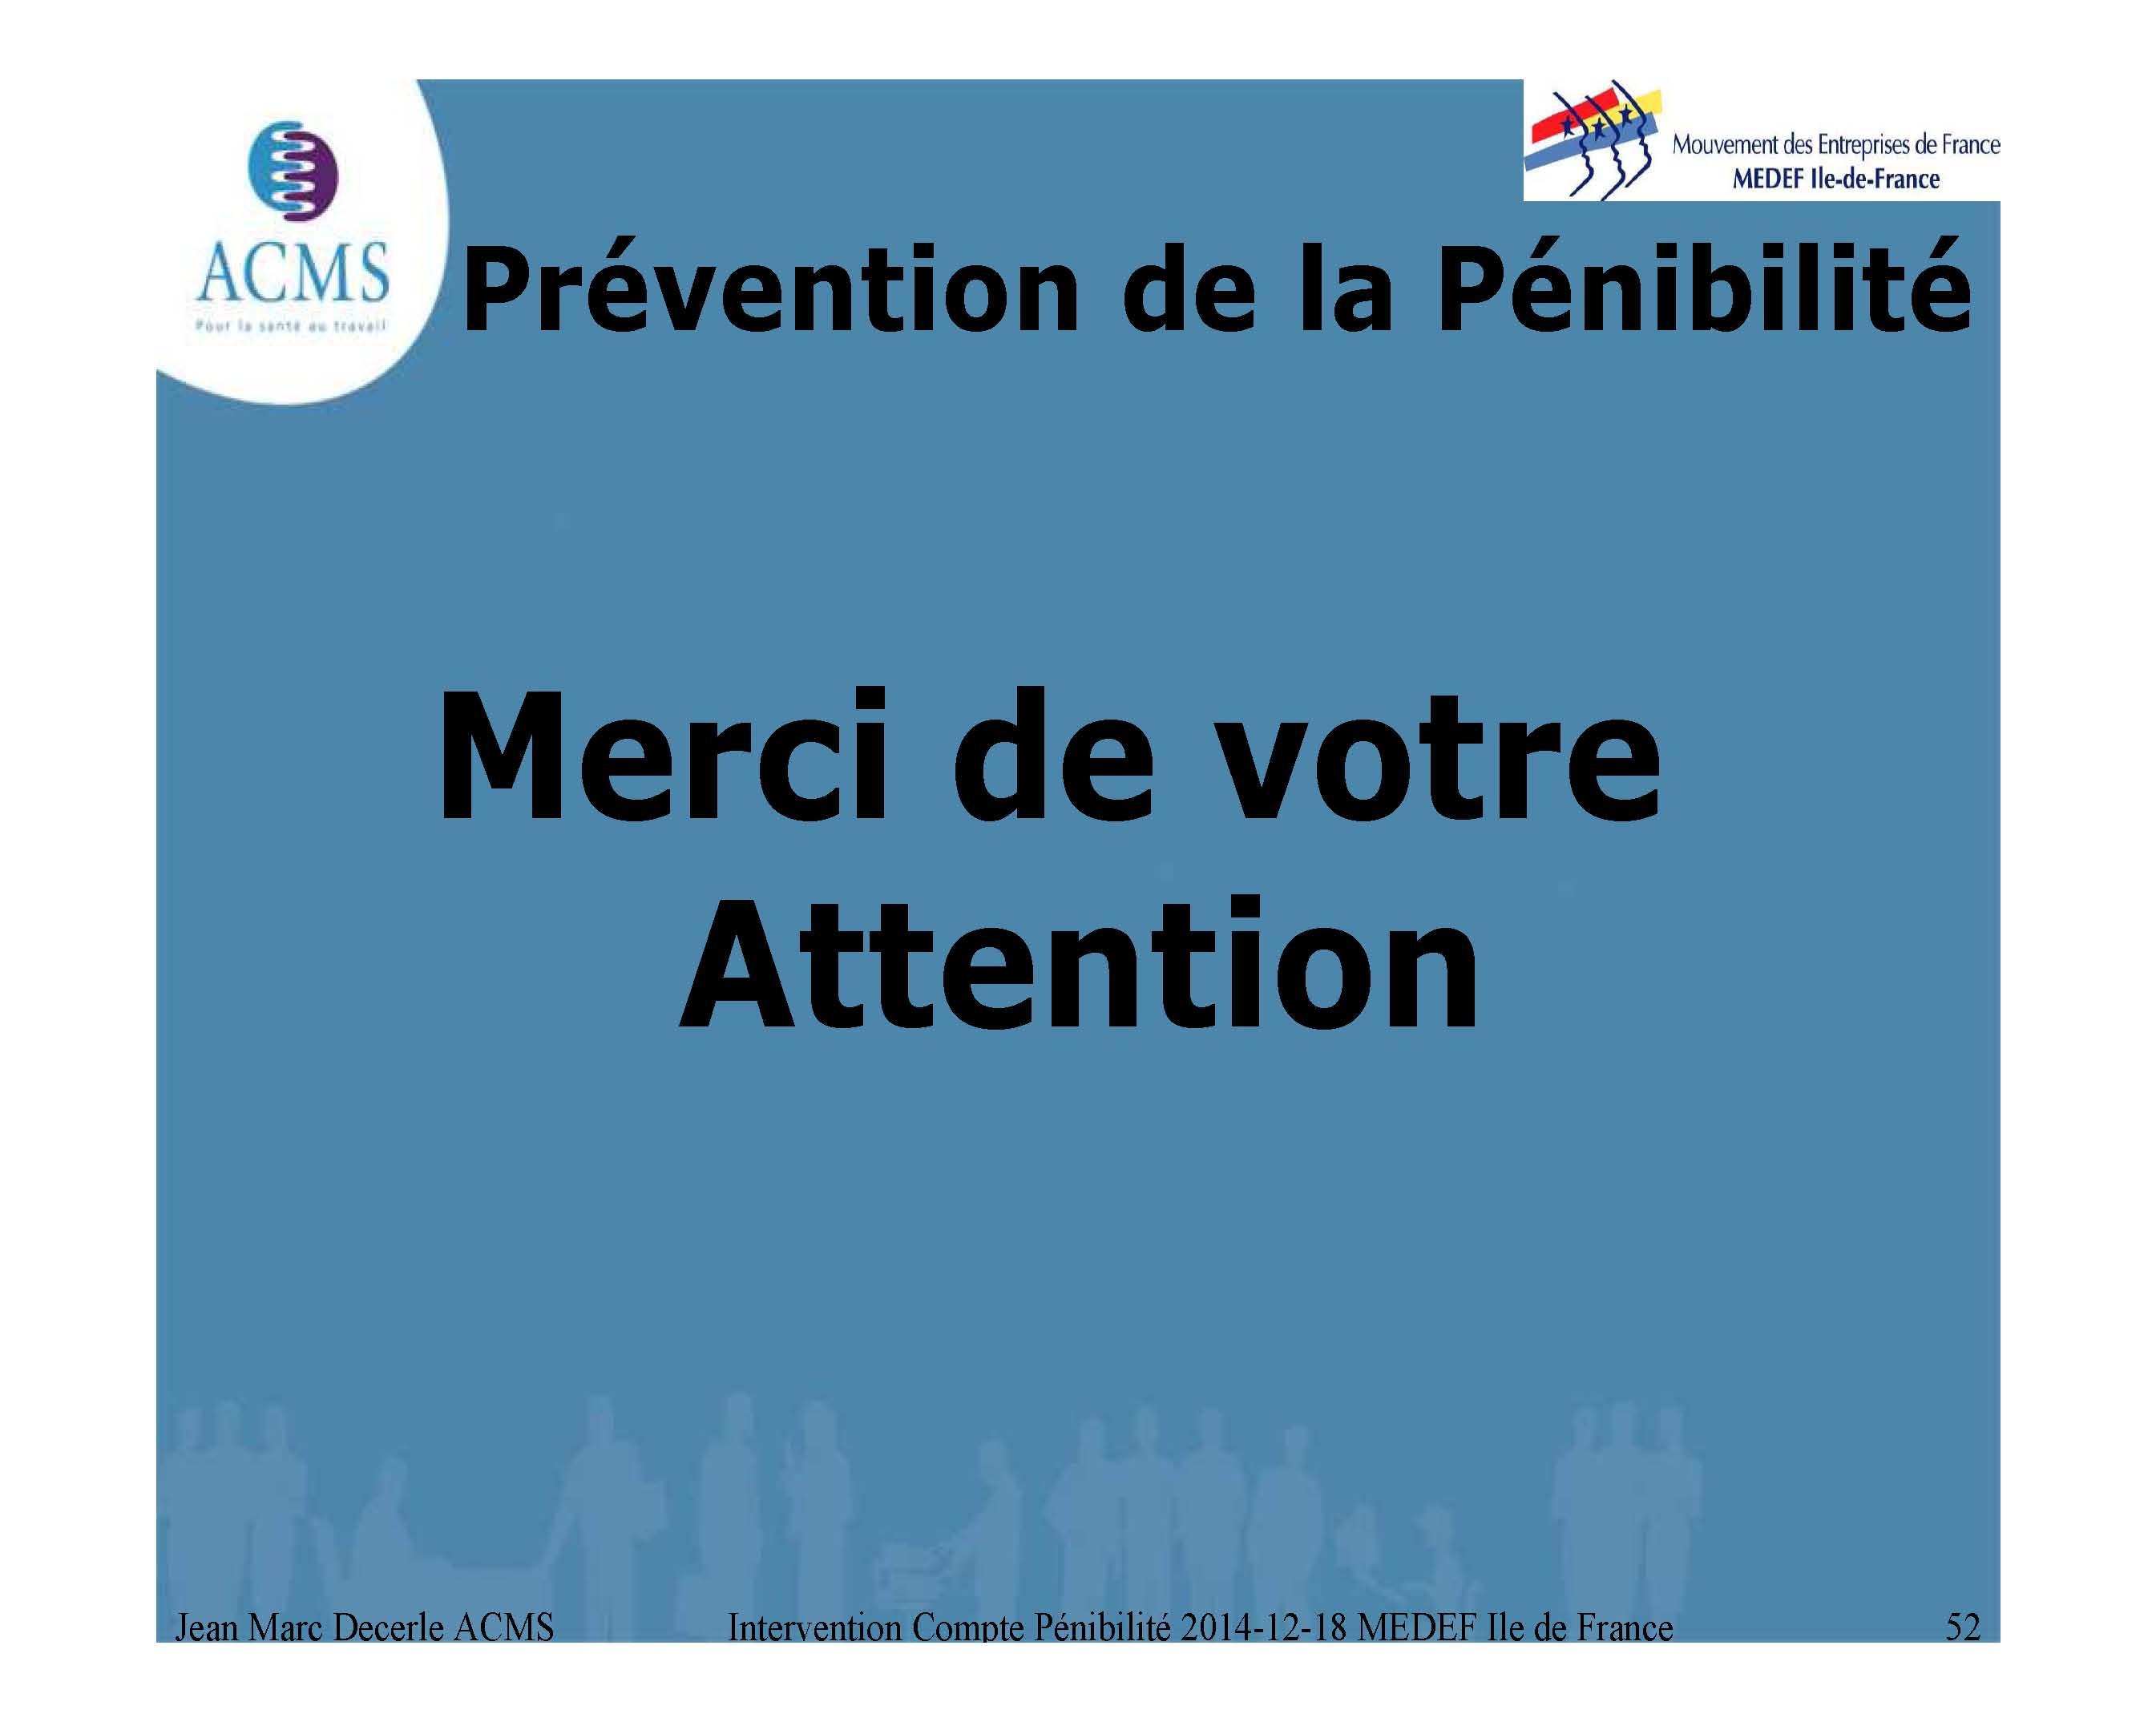 2014-12-18 Compte Pénibilite MEDEF Ile de France_Page_52